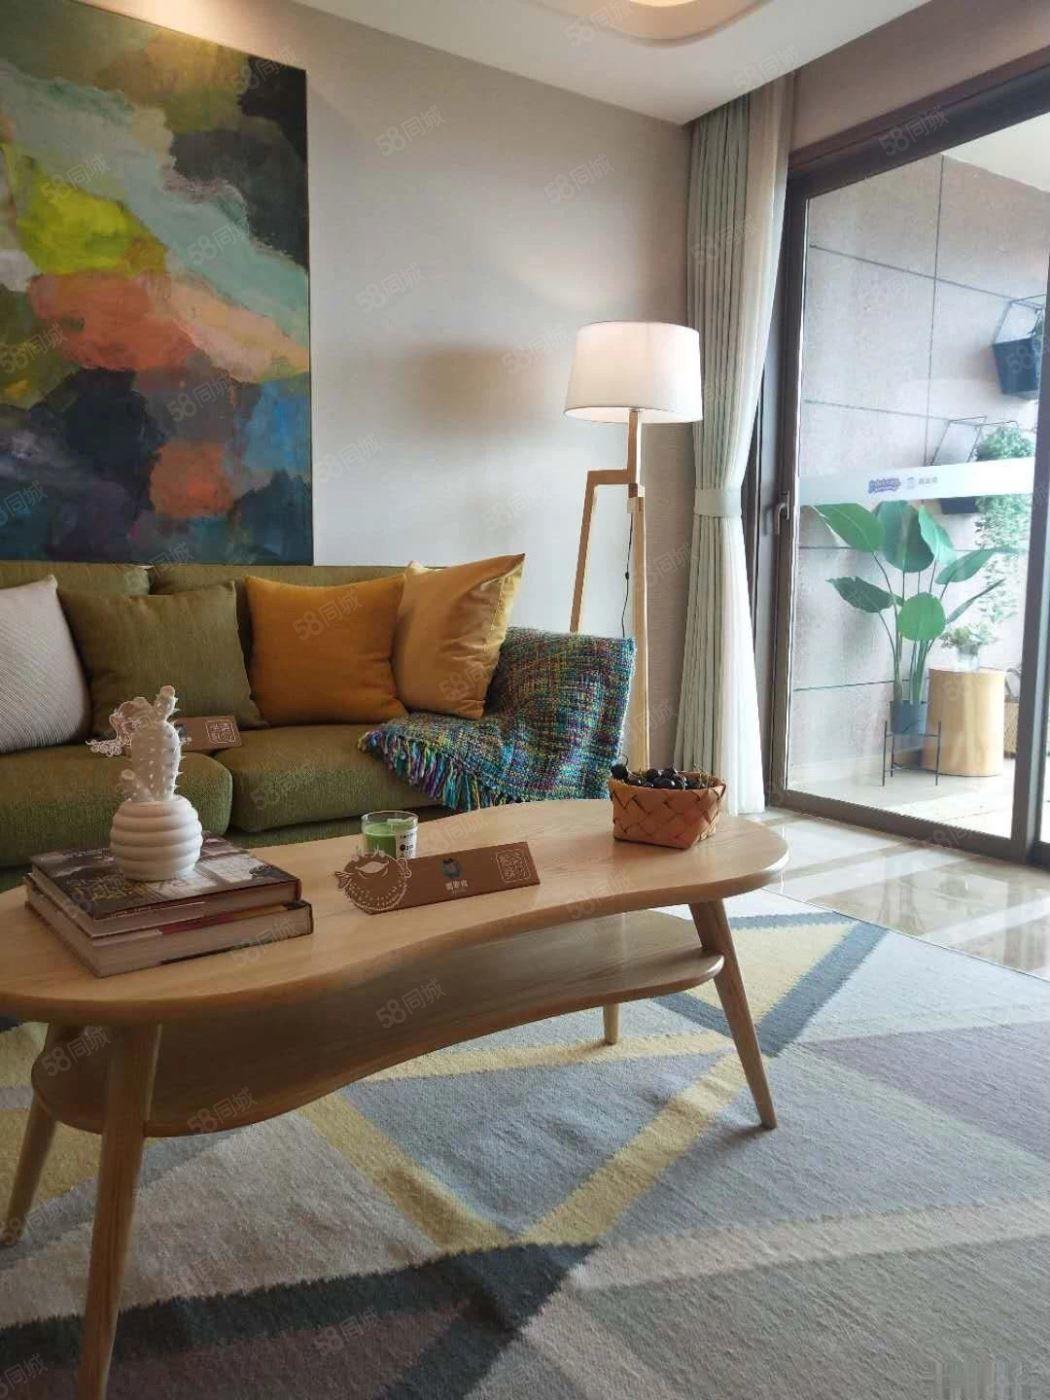 豪华装修翡翠湾湖景公寓稀缺公寓限量发售抚仙湖欢乐世界